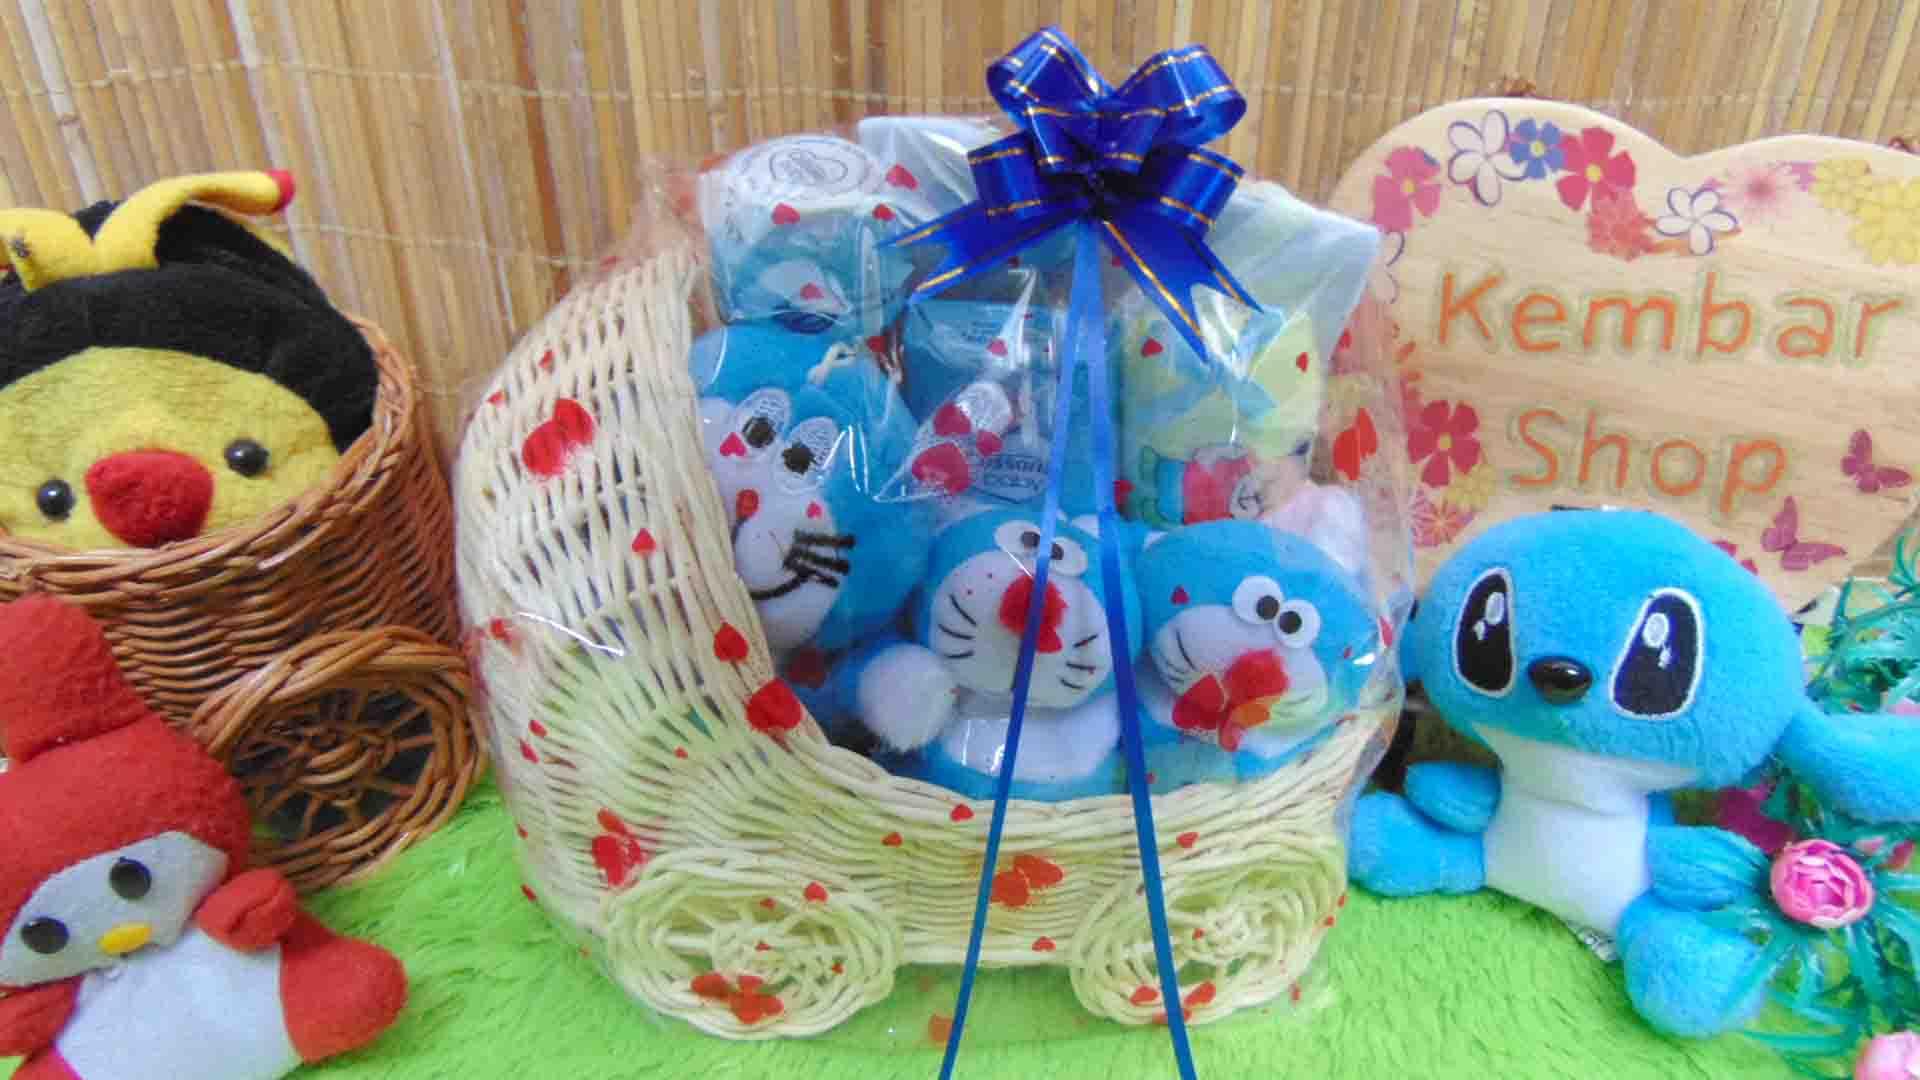 TERLARIS EKSKLUSIF paket kado bayi baby gift parcel bayi parcel kado bayi kado lahiran Stroller prewalker Disney spesial (3)